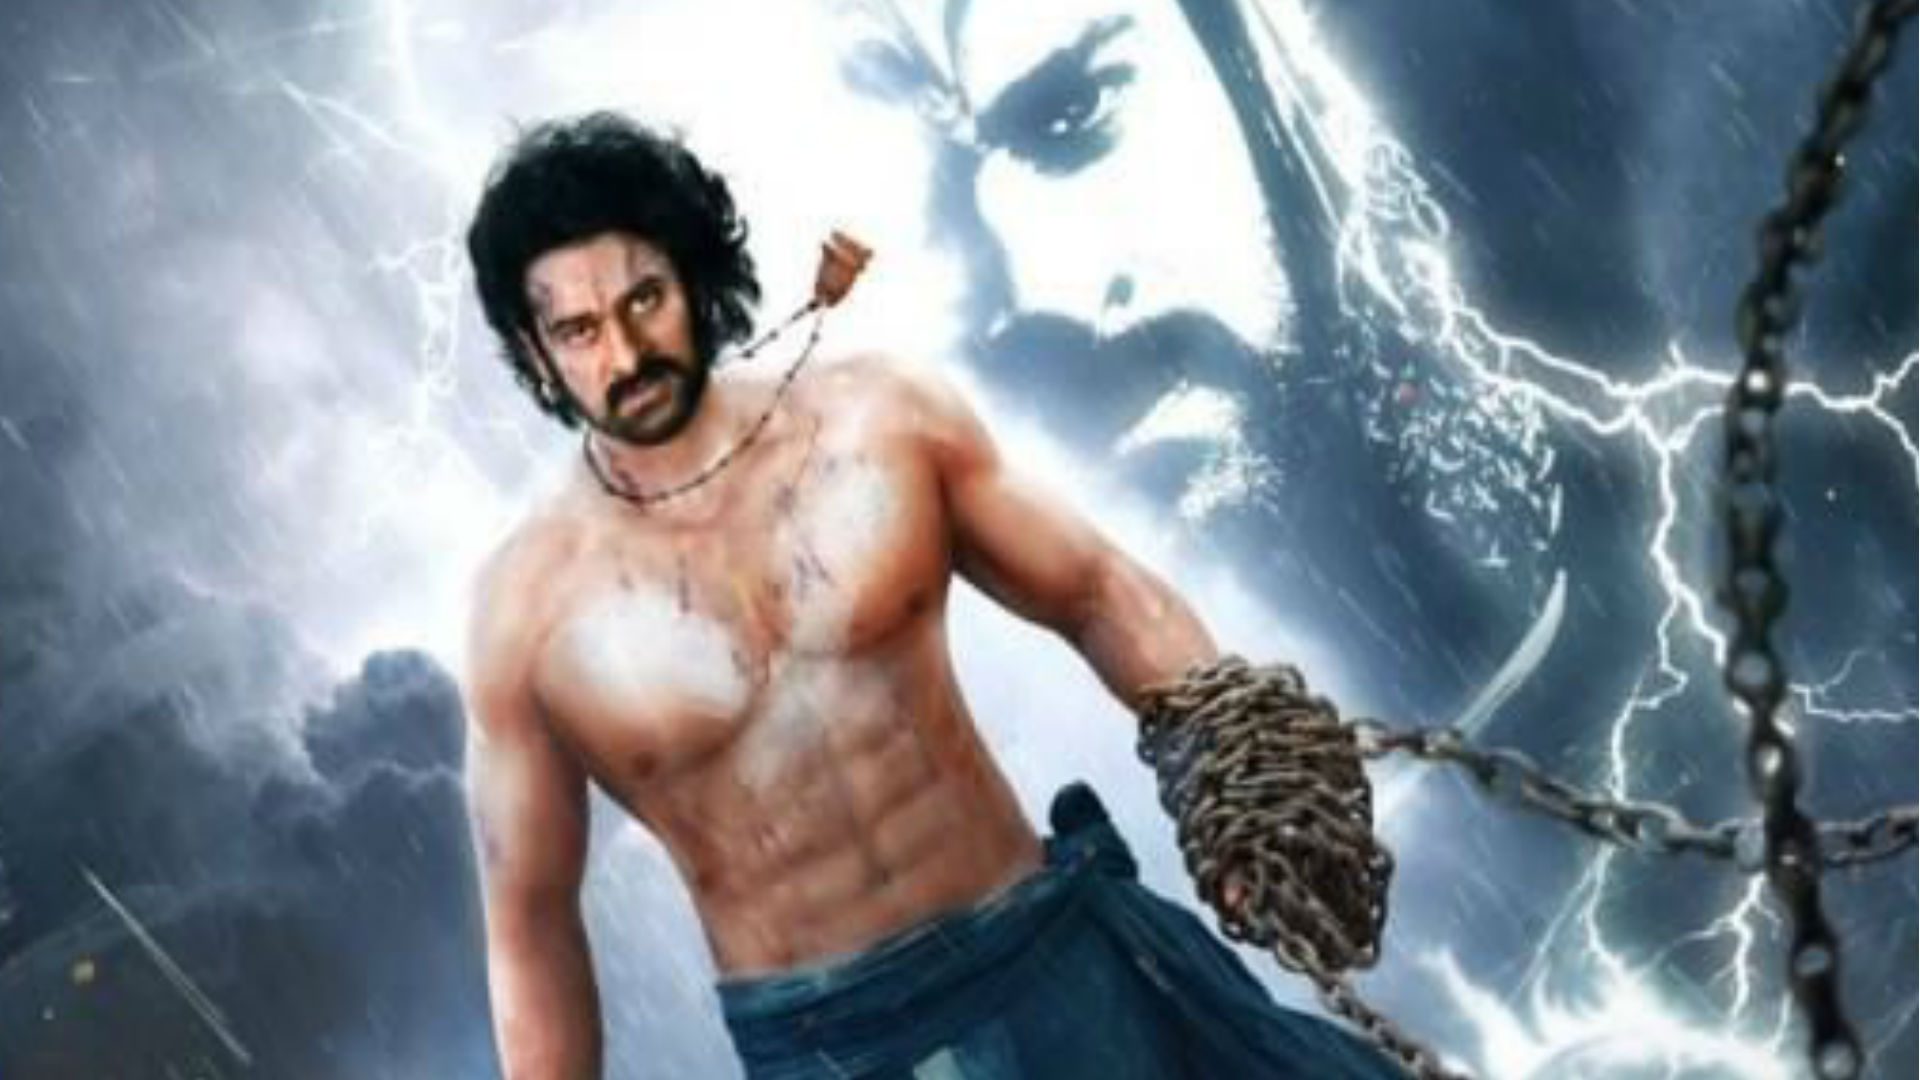 फिल्म साहो के लिए बाहुबली प्रभास ने घटाया 8 किलो वजन, अब ऐसे दिख रहे हैं साउथ के सुपरस्टार